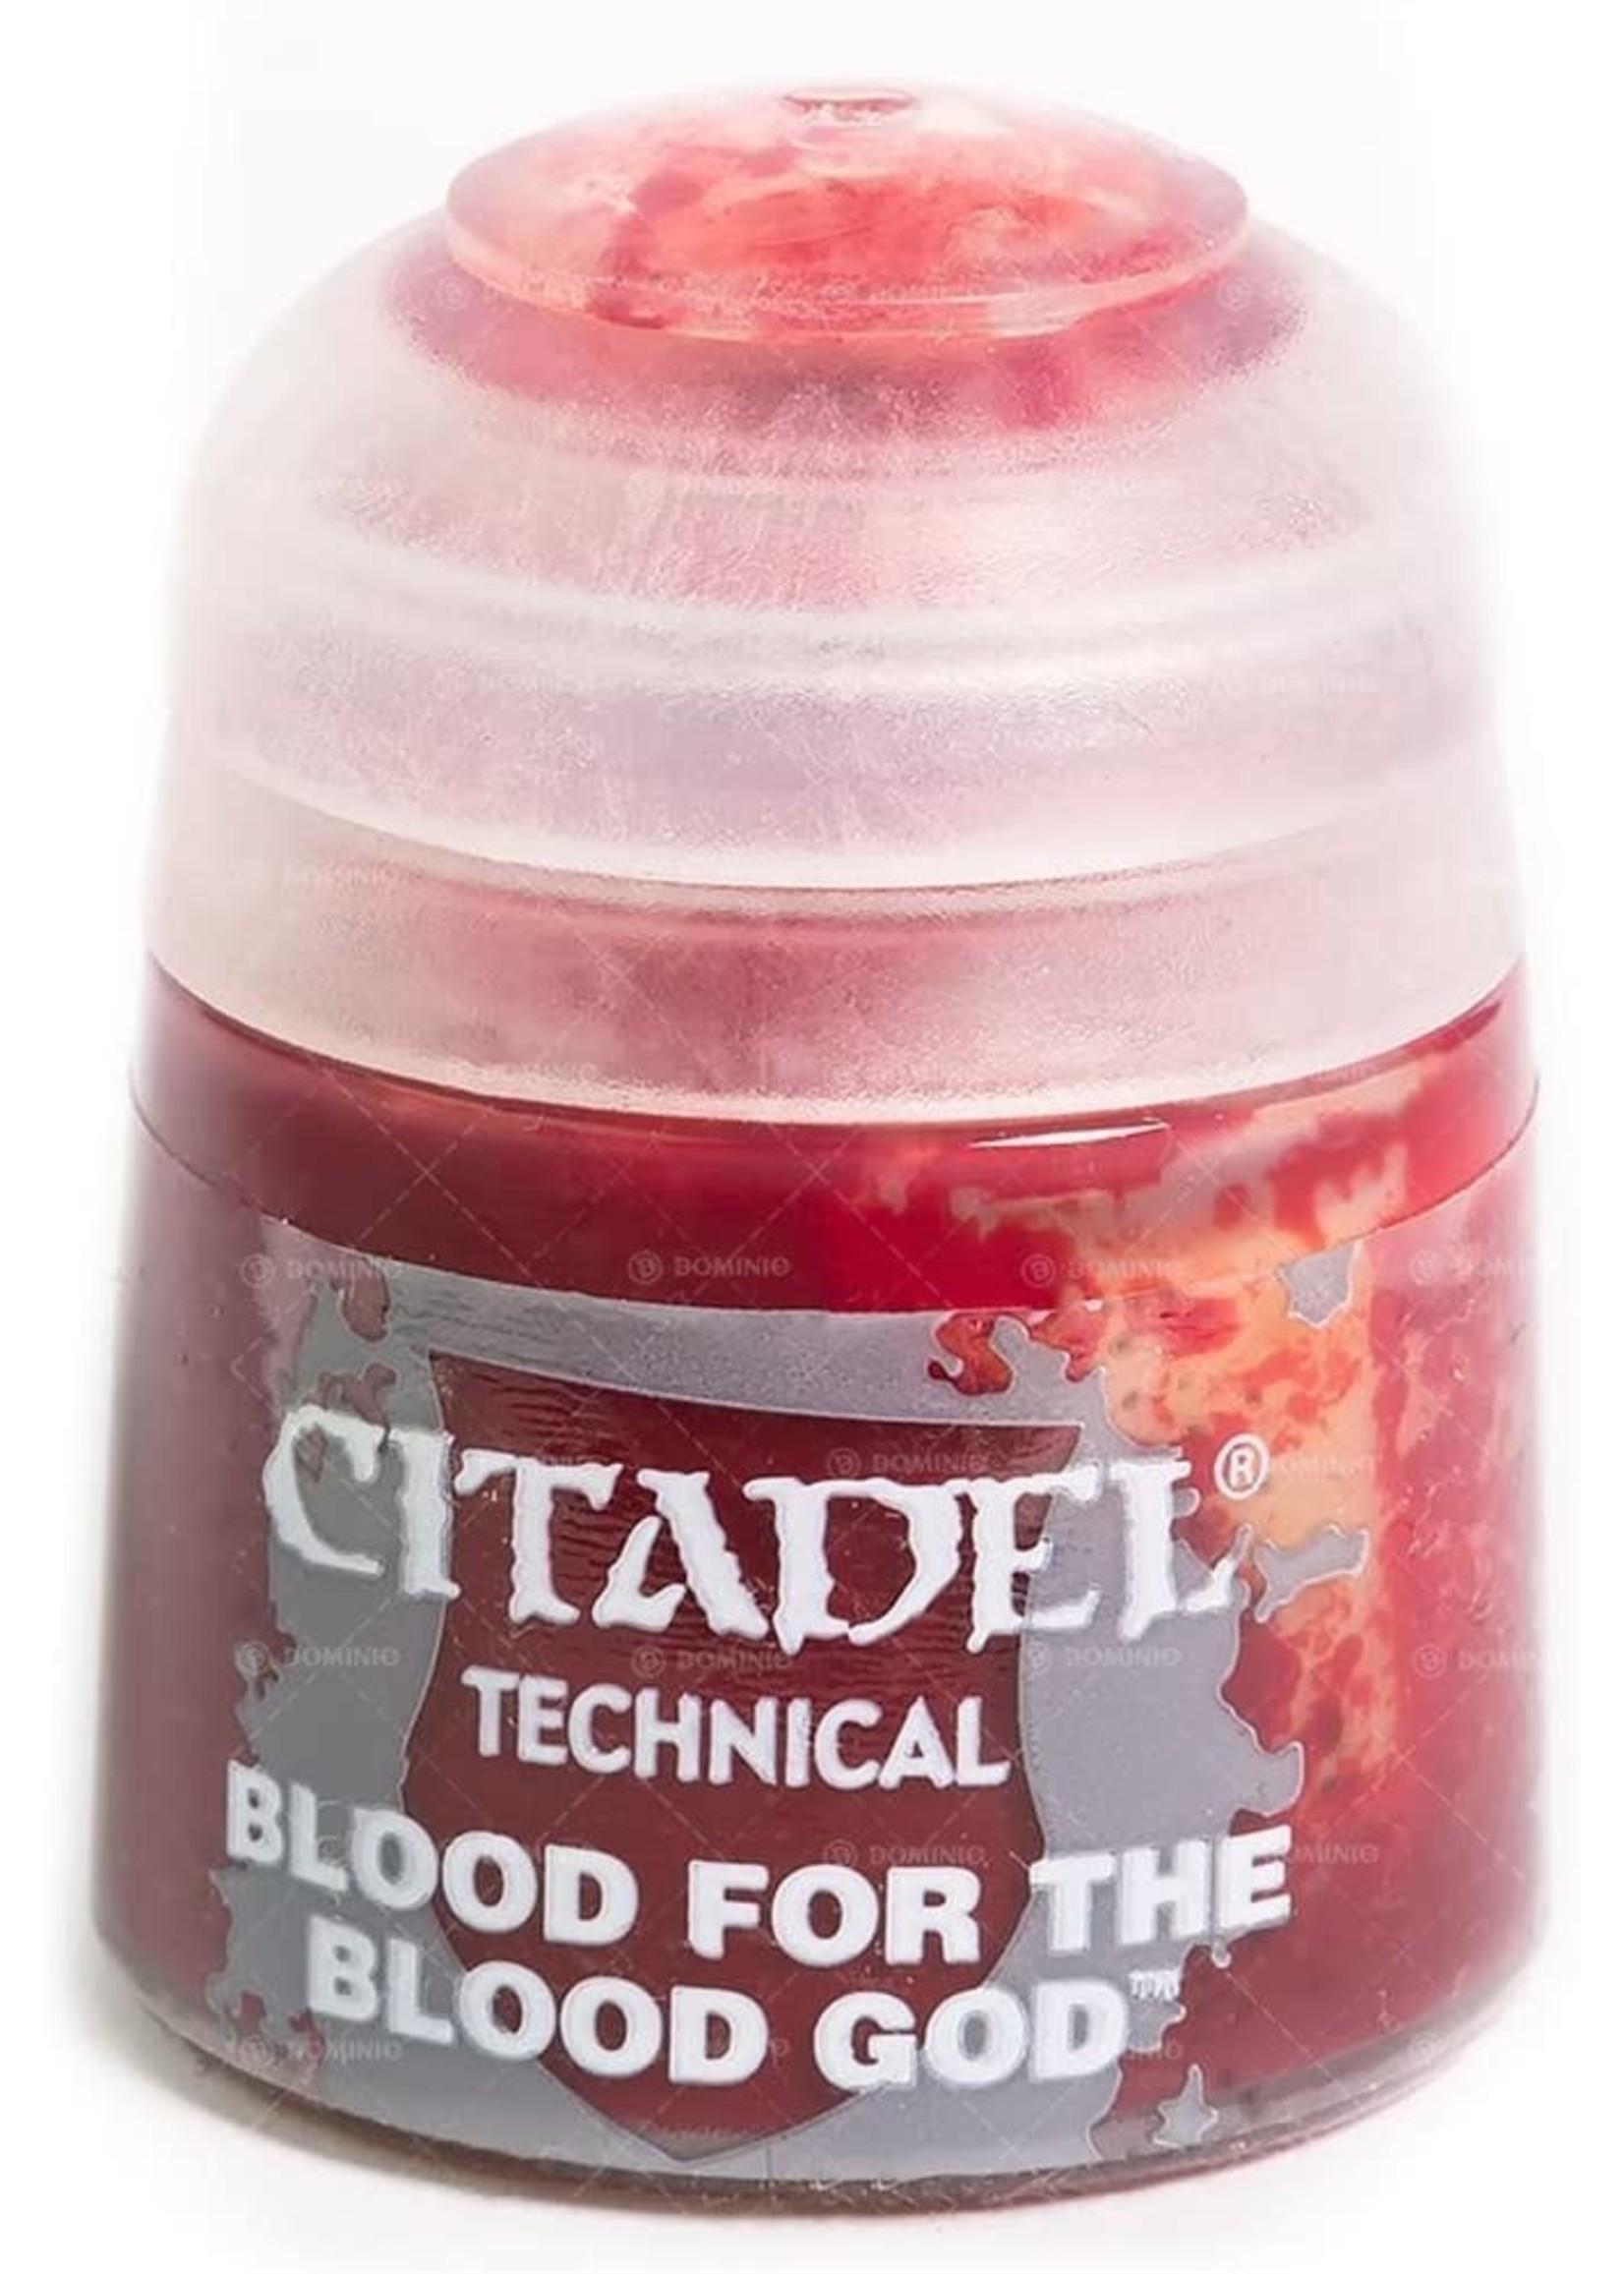 Games Workshop Citadel Paint: Blood for the Blood God 12ml